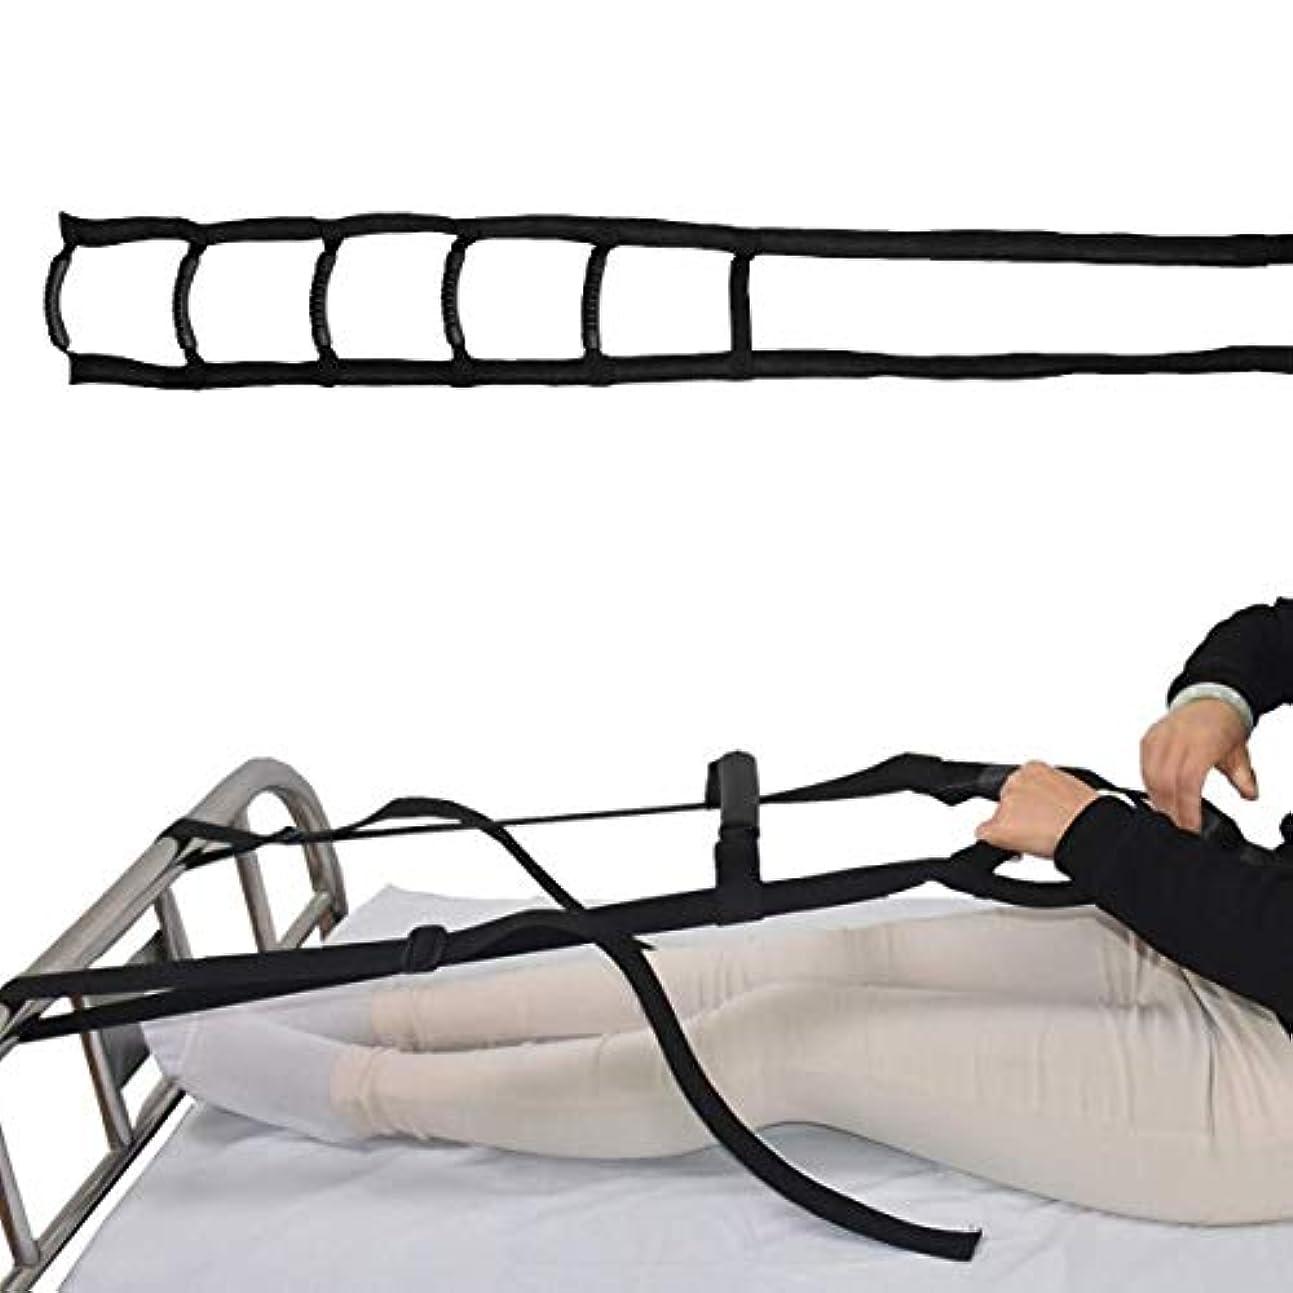 進行中五月評議会ベッド安全ラダーアシスタントストラップ、ベッドサポートアシストロープのパッド入りシットアップ、高齢者/シニア/ハンディキャップ/負傷回復患者座位ヘルパー